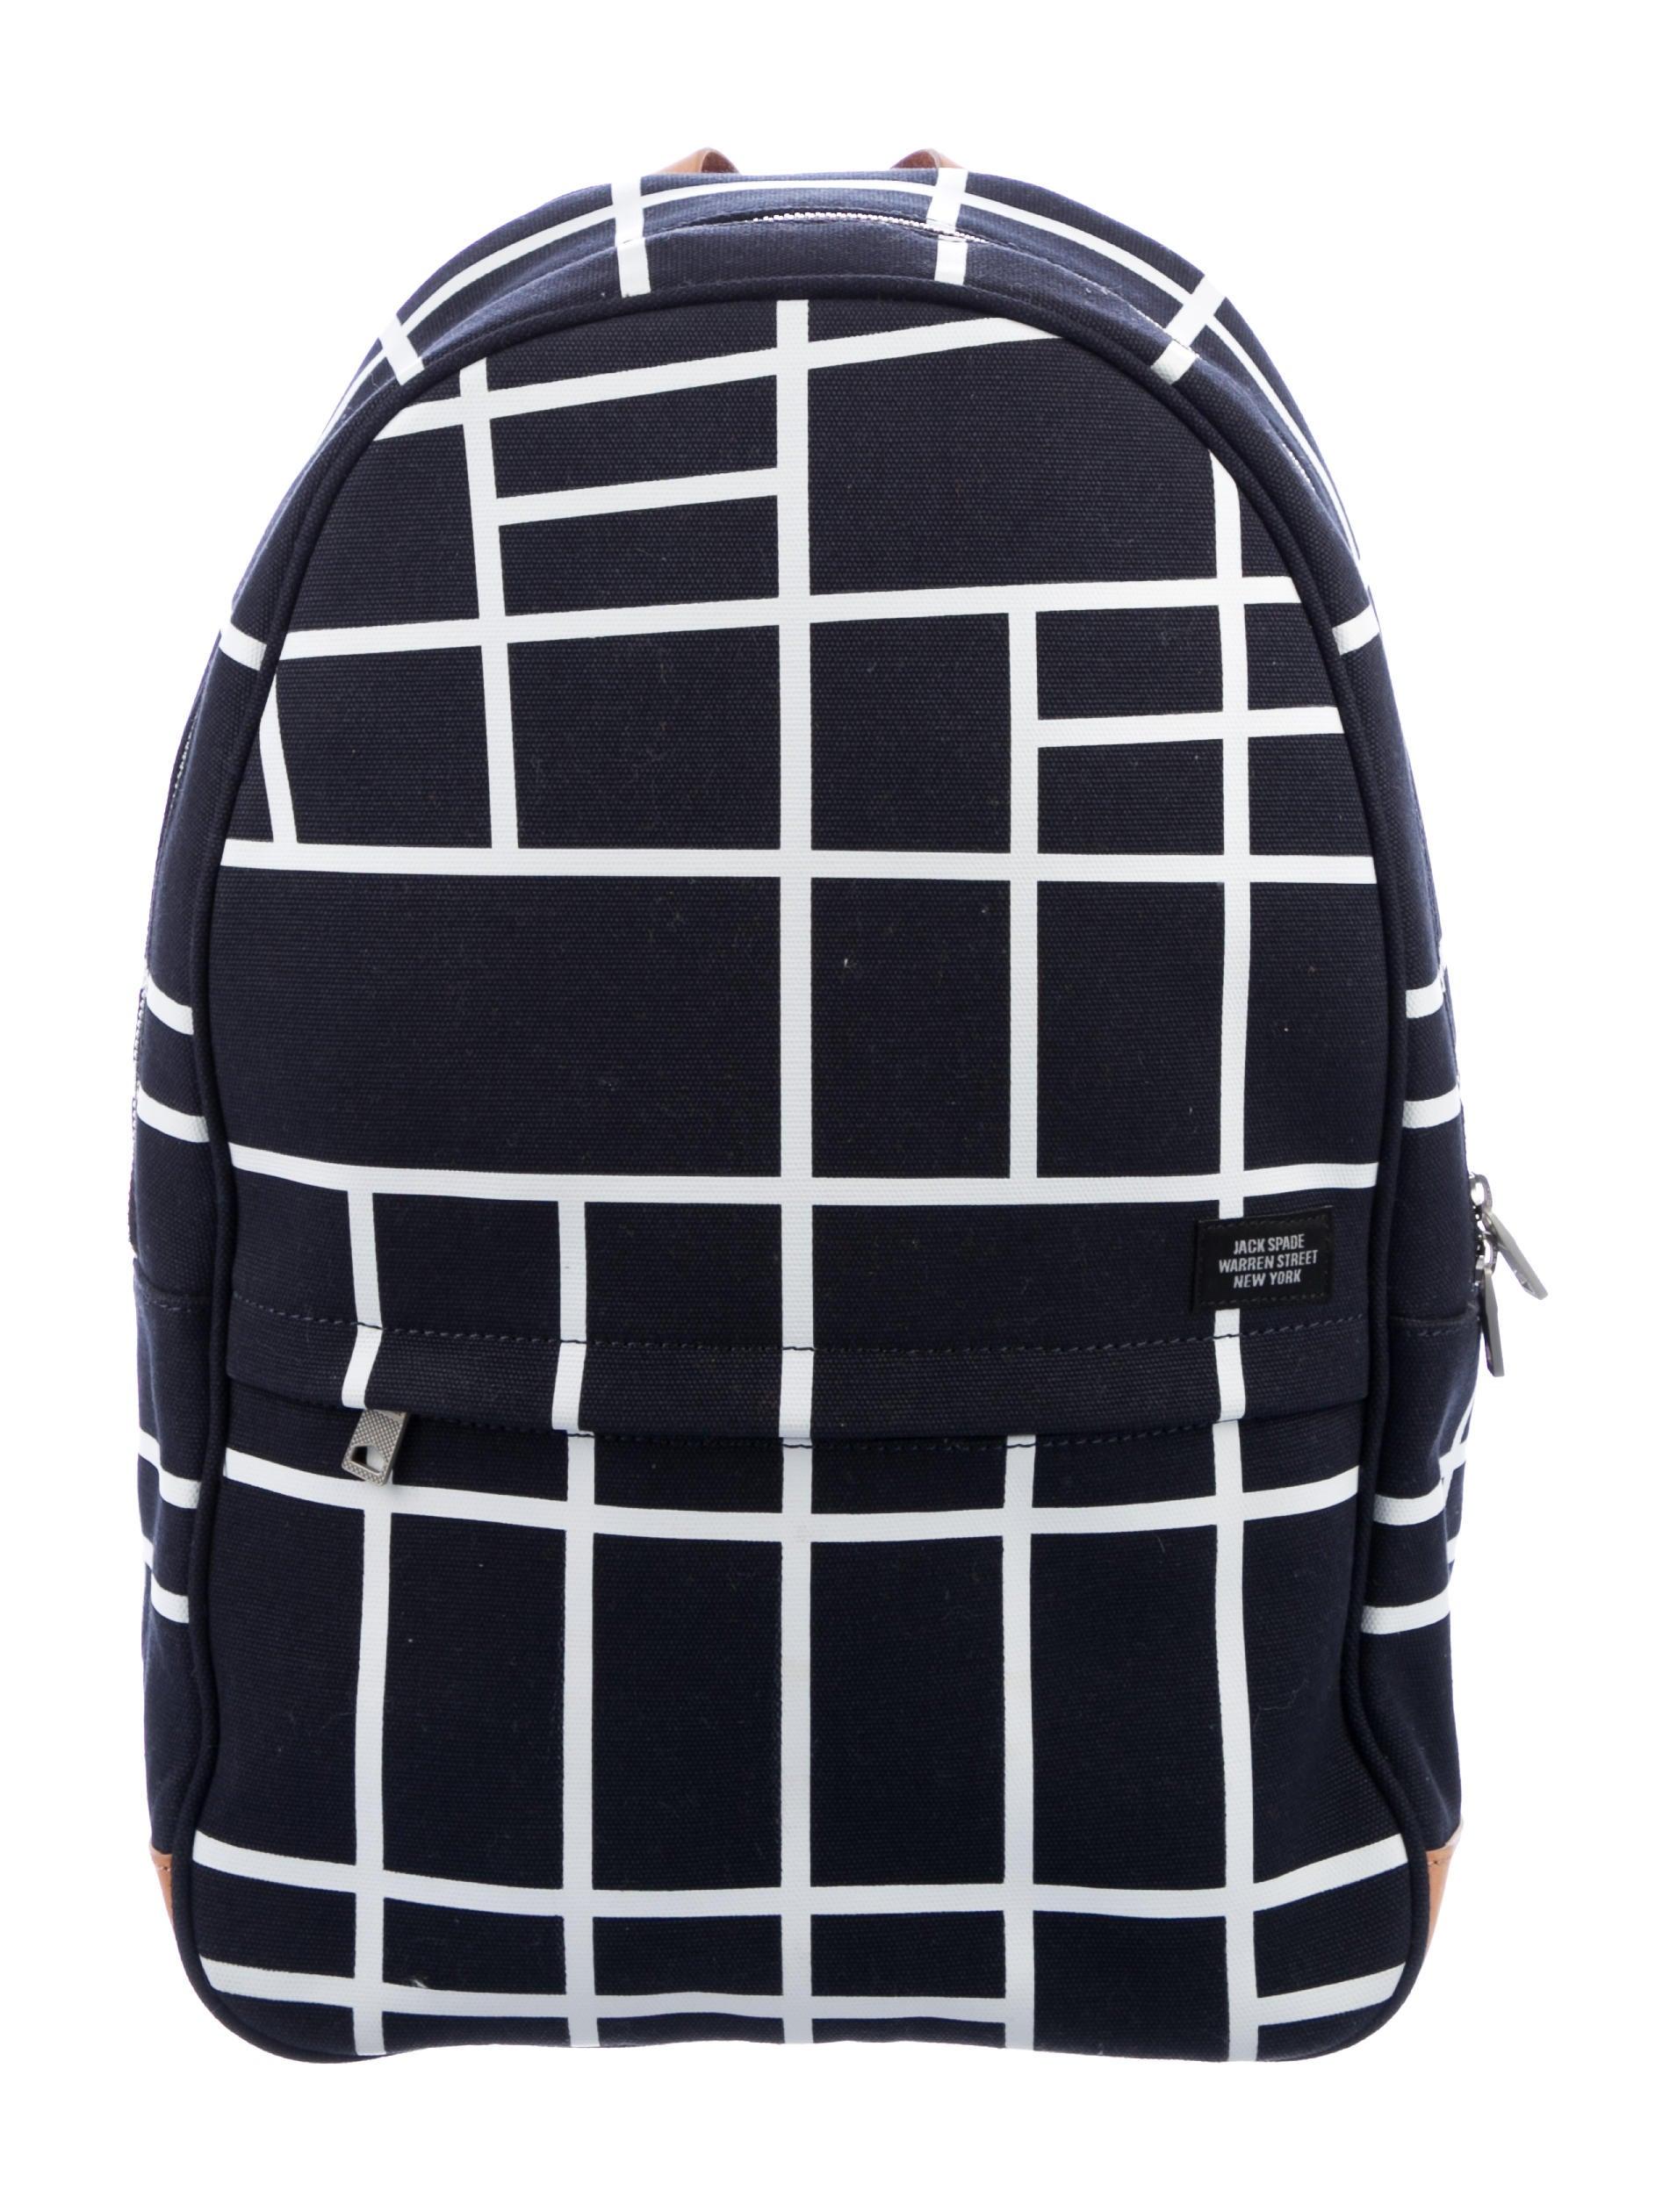 Jack Spade Hundley Canvas Backpack Bags Jsp21715 The